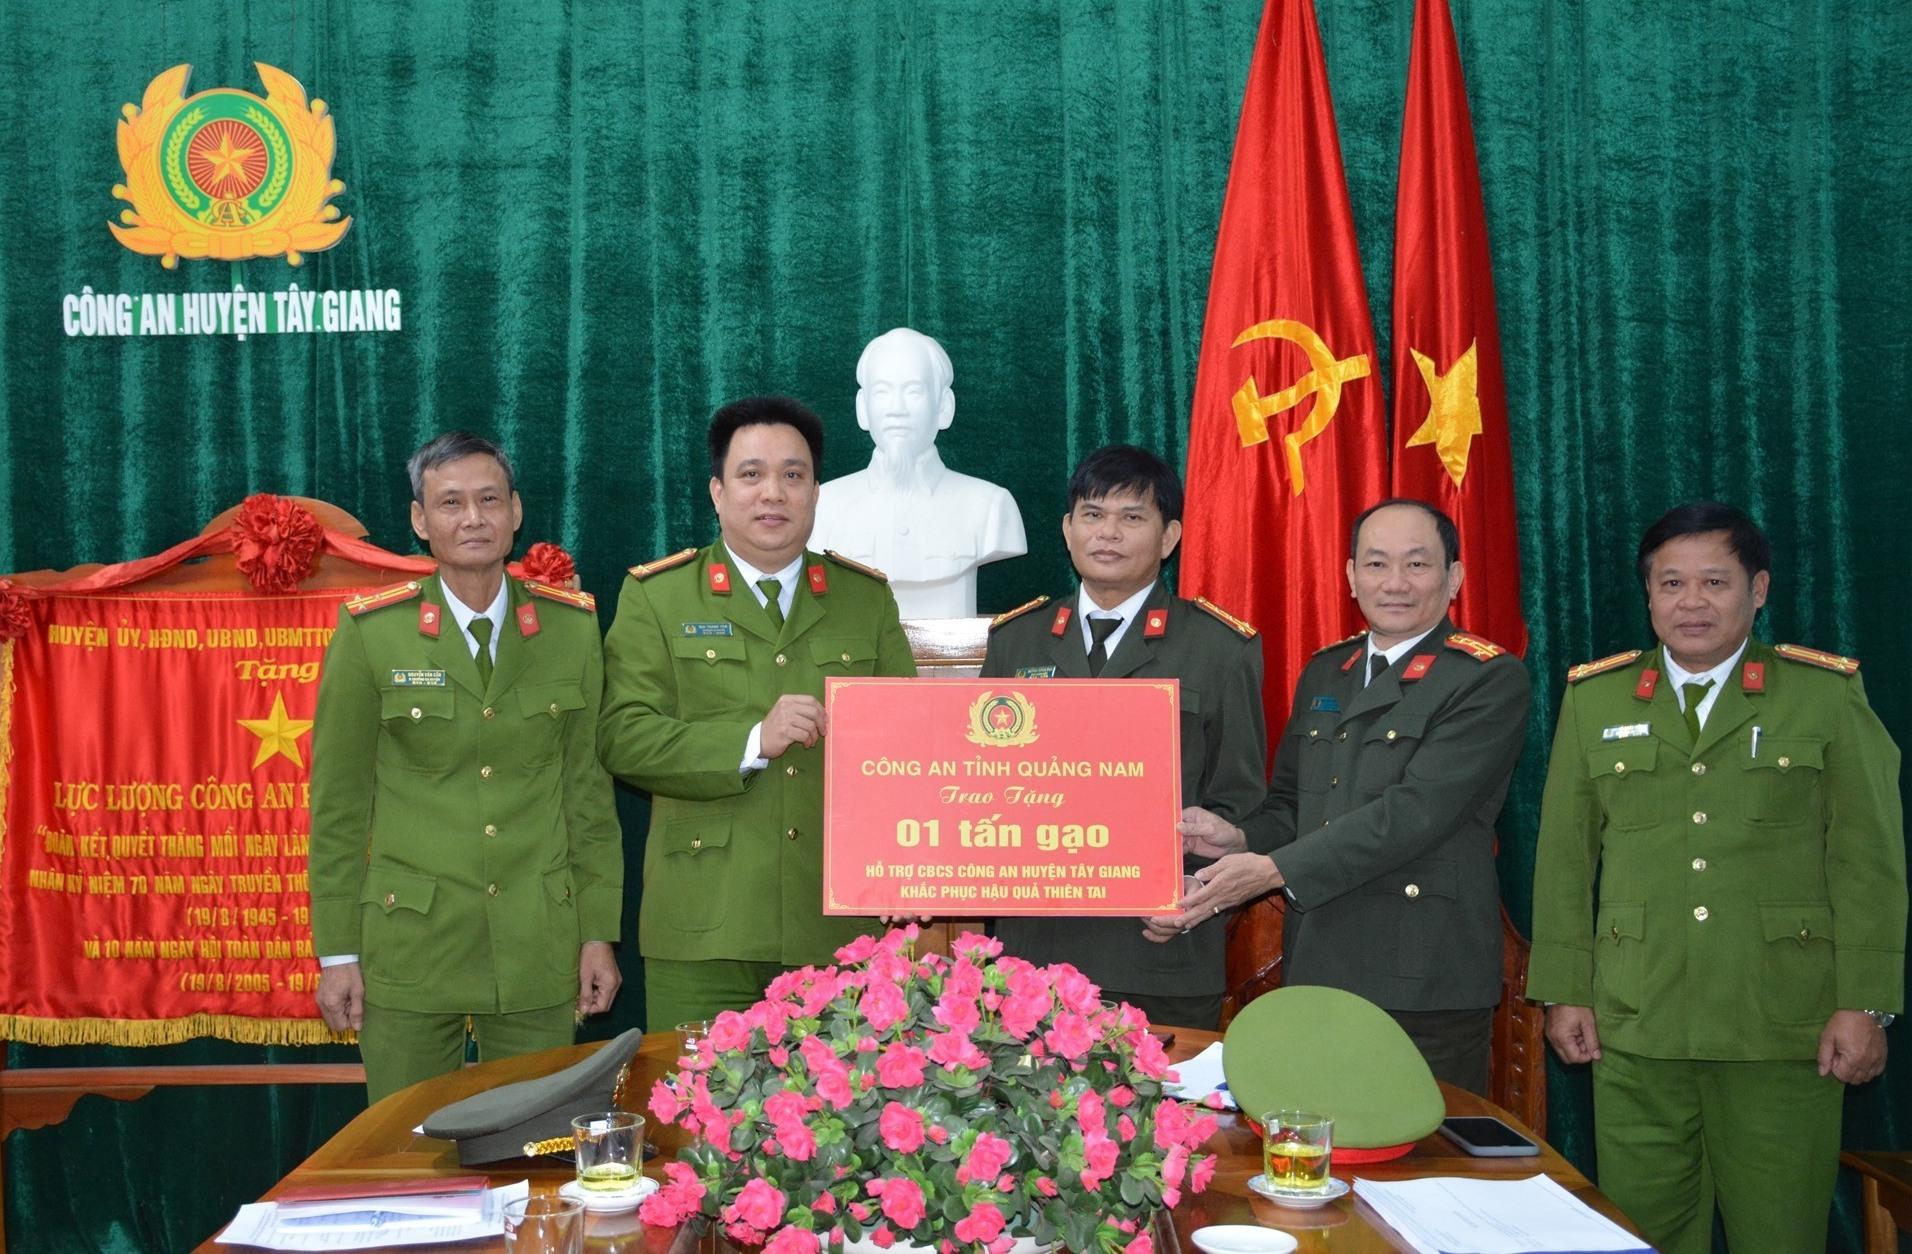 Lãnh đạo Công an tỉnh (bên phải) tặng bảng tượng trưng cho Công an Tây Giang